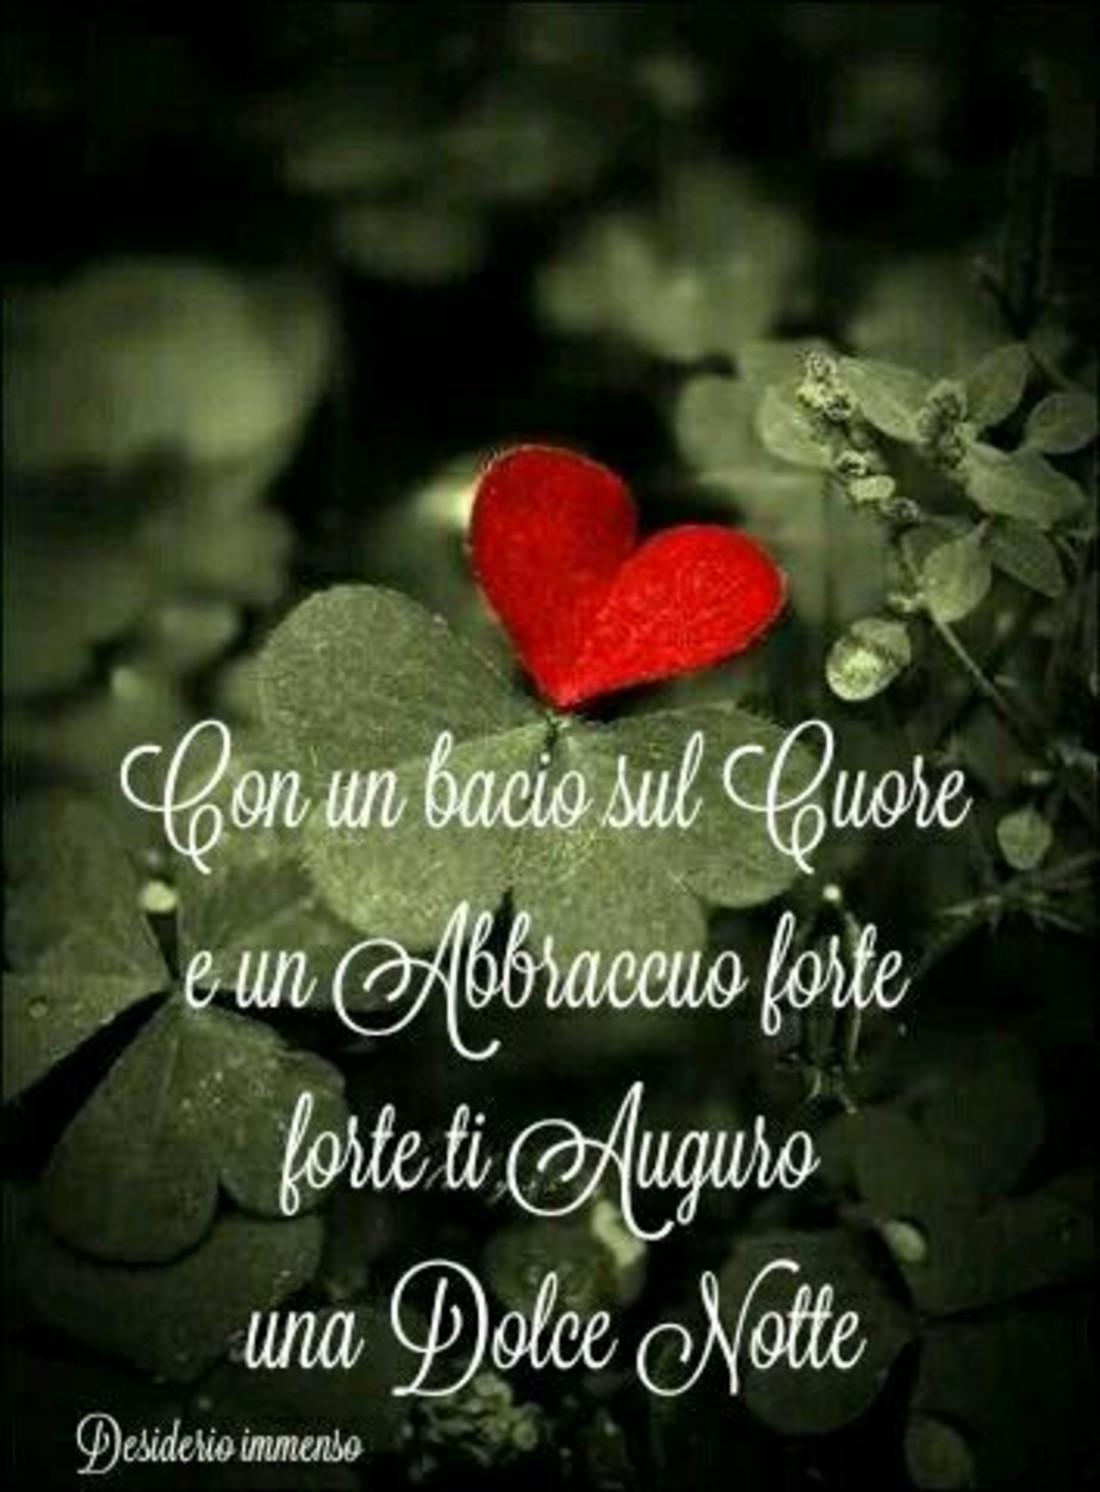 Con un bacio sul cuore ed un abbraccio forte forte ti auguro una Dolce Notte